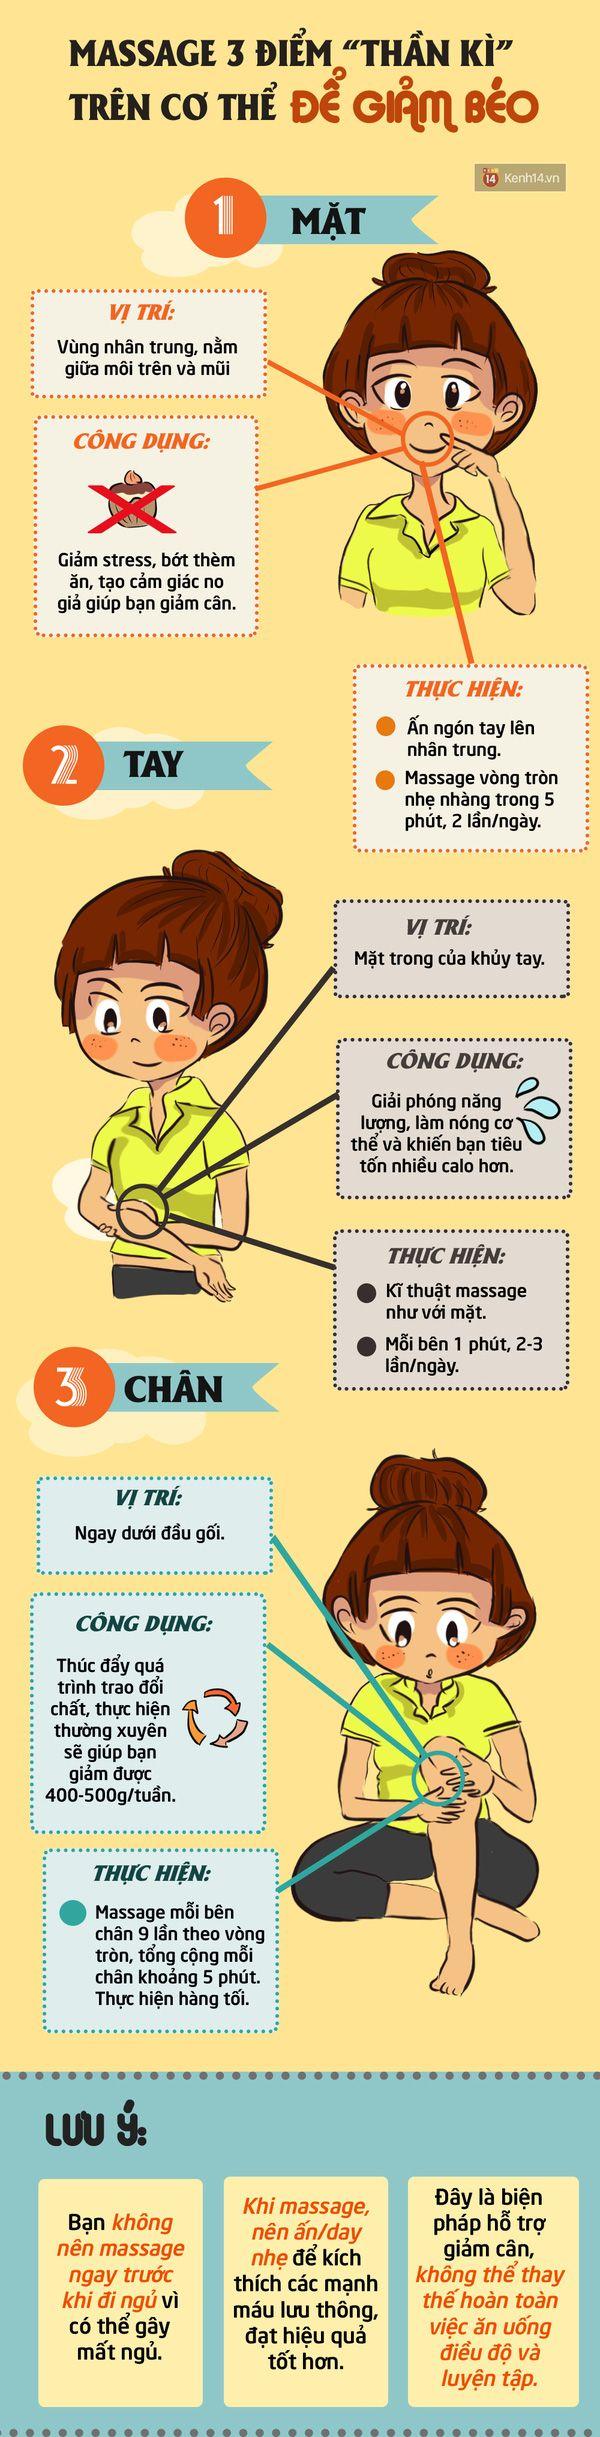 3 vị trí vàng trên cơ thể giúp bạn giảm béo không cần tập luyện - Ảnh 1.